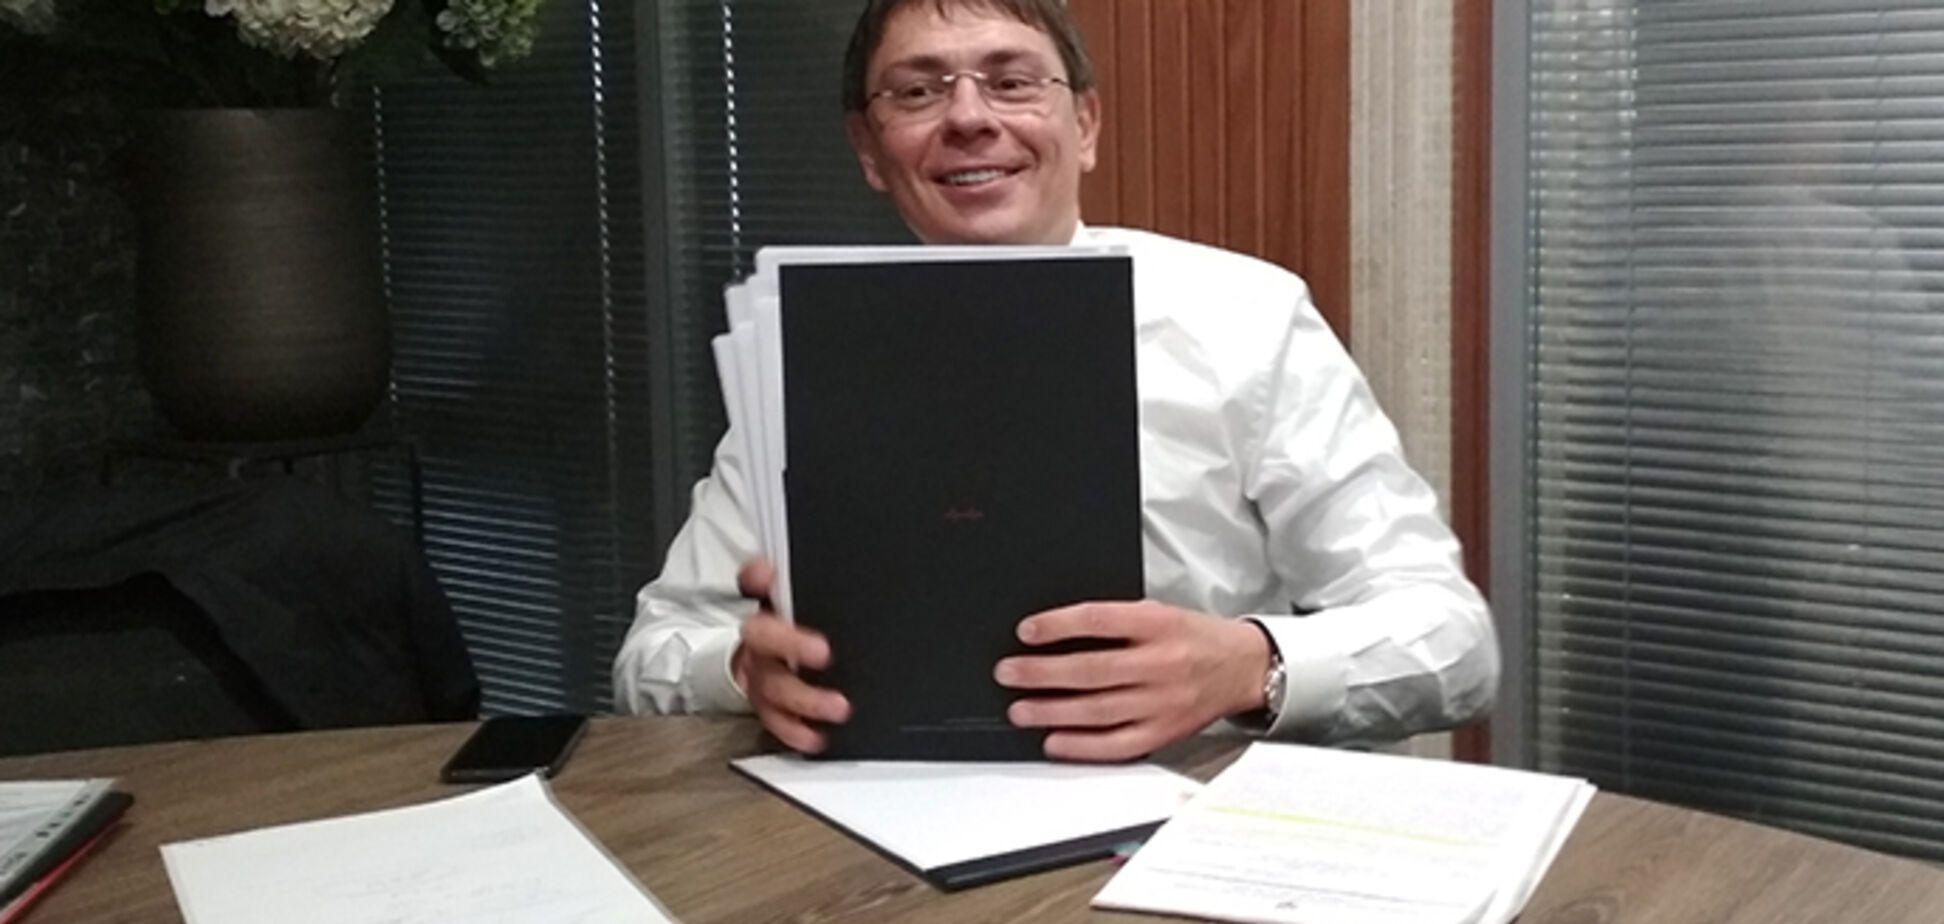 Поїхав до Німеччини: скандальному екс-нардепу Крючкову повернули паспорт